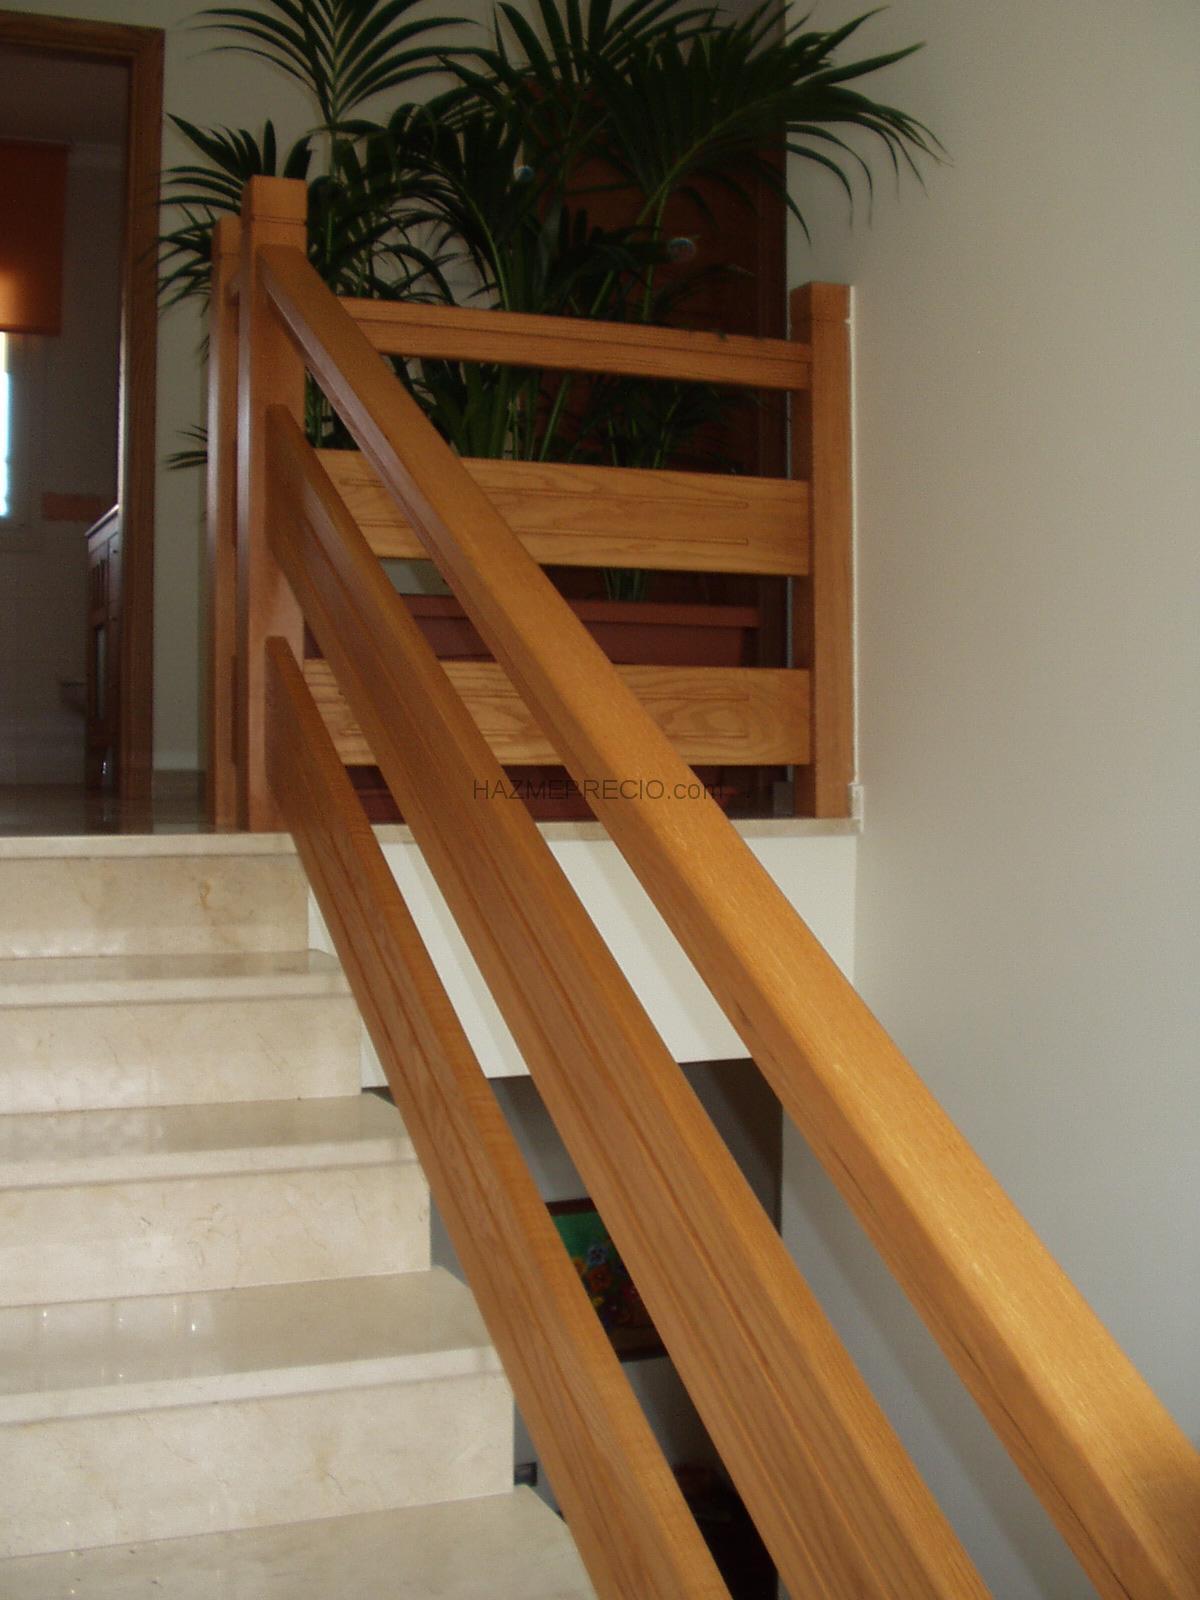 Dopema2005 sl 35220 telde las palmas - Barandas de escaleras de madera ...